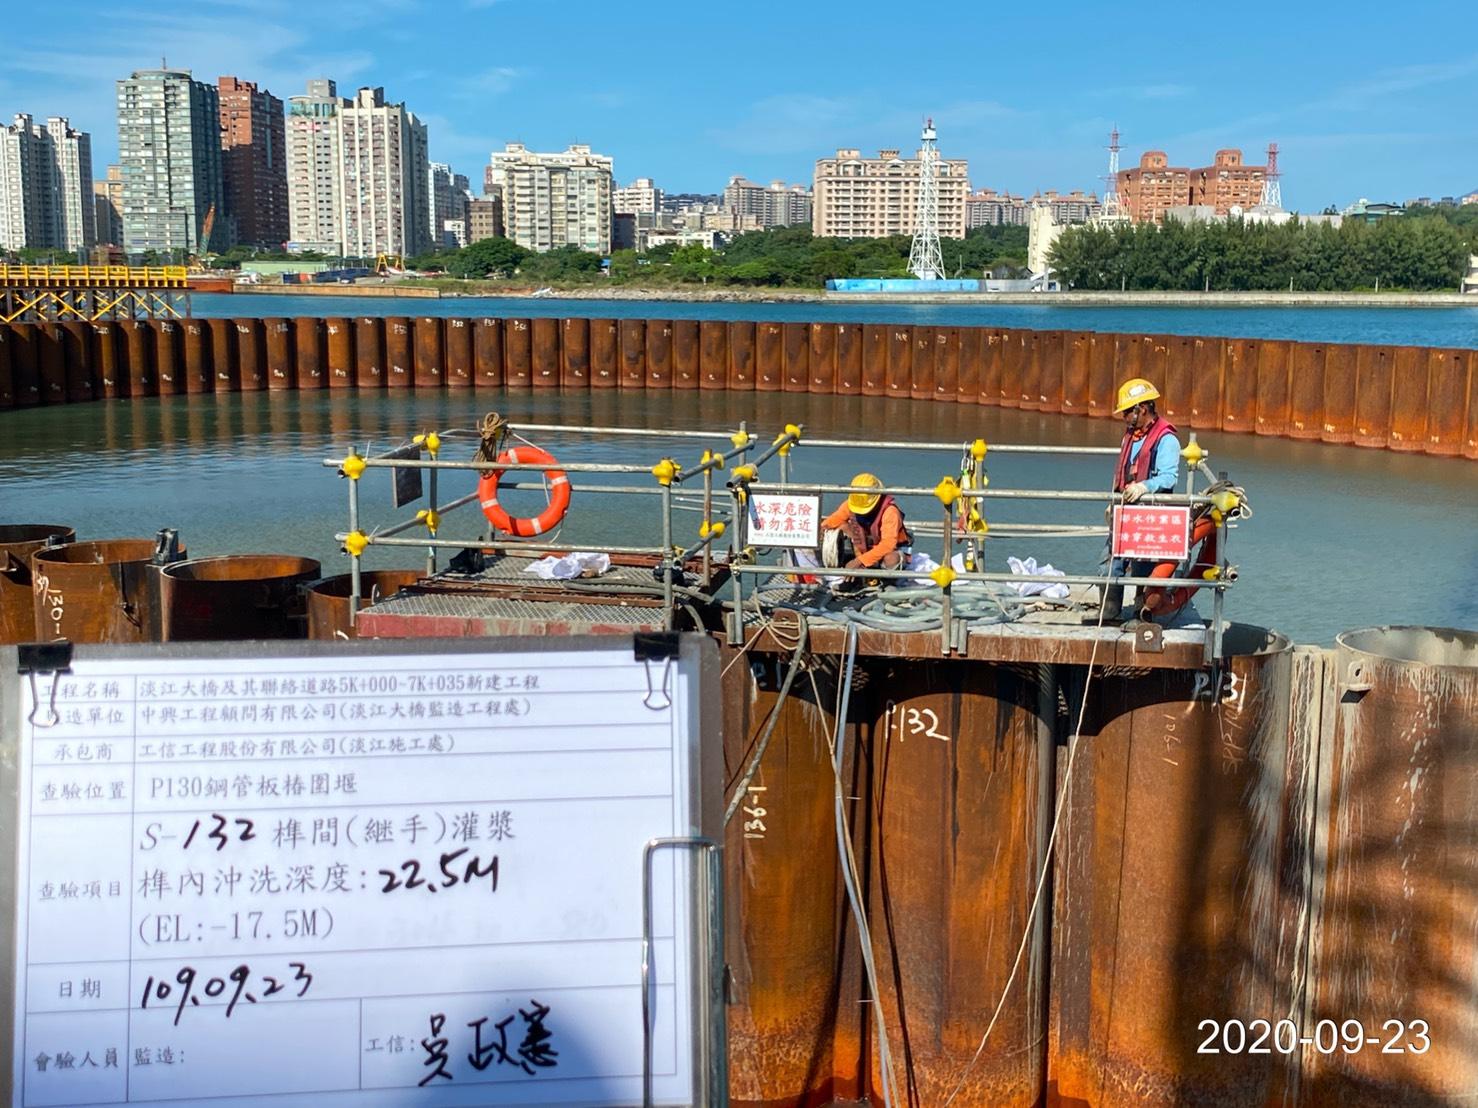 河中段P130墩柱之鋼管樁榫間止水灌漿